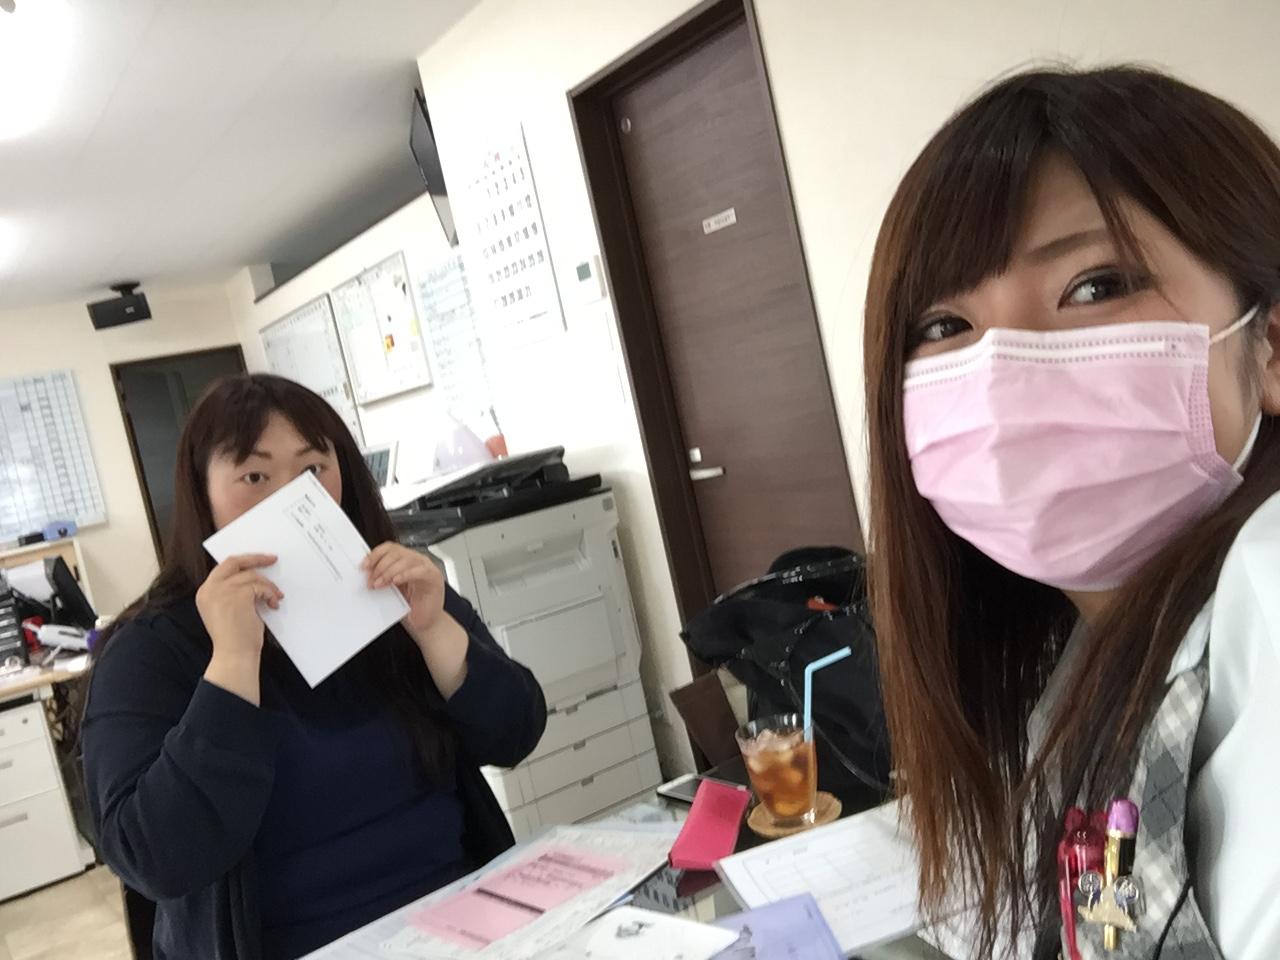 8月30日 水曜日のひとログヽ( 'ω' )ノ キャンピングカー・バスもレンタルできます♬TOMMY_b0127002_1728171.jpg